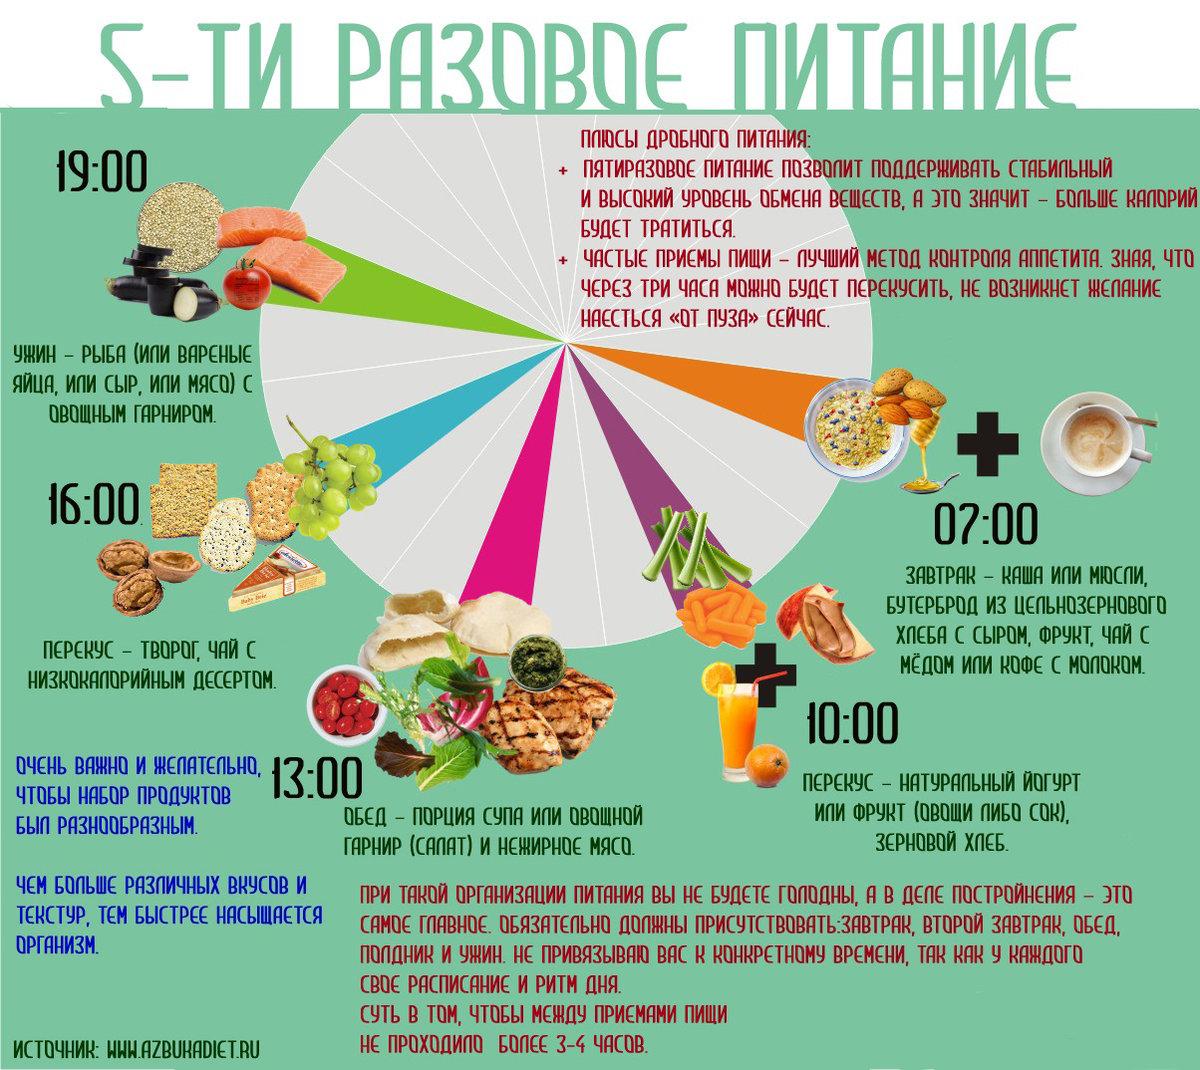 режим питания во время похудения